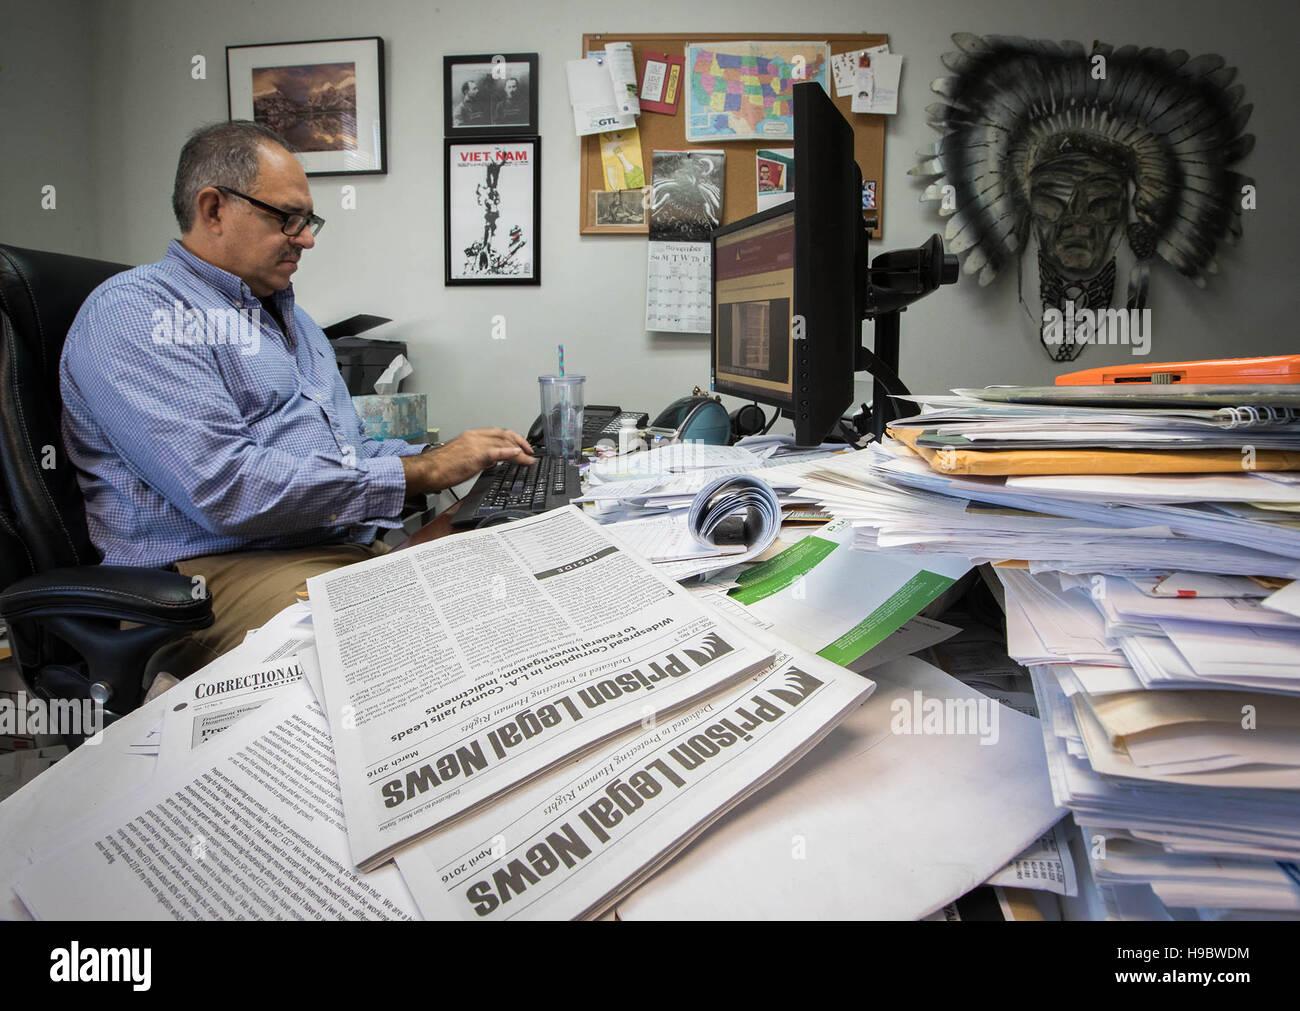 Lake Worth, Florida, USA. 22. November 2016. Gefängnis Legal News veröffentlicht seit 1990, wenn ihr Gründer, Lake Worth native Paul Wright eine Tracht Prügel innerhalb einer Washington State Prison erlebt. Er war ein Häftling, Zeit für den Mord an einem Drogendealer, und niemand schien, in den Medien zu sorgen, so dass er es sich selbst eingegeben. Siebzehn Jahre später, er habe aus dem Gefängnis, Verlagswesen, gehalten und zog das Magazin Hauptquartier in seine Heimatstadt in Lake Worth, Florida. © Allen Eyestone/der Palm Beach Post/ZUMA Draht/Alamy Live-Nachrichten Stockfoto